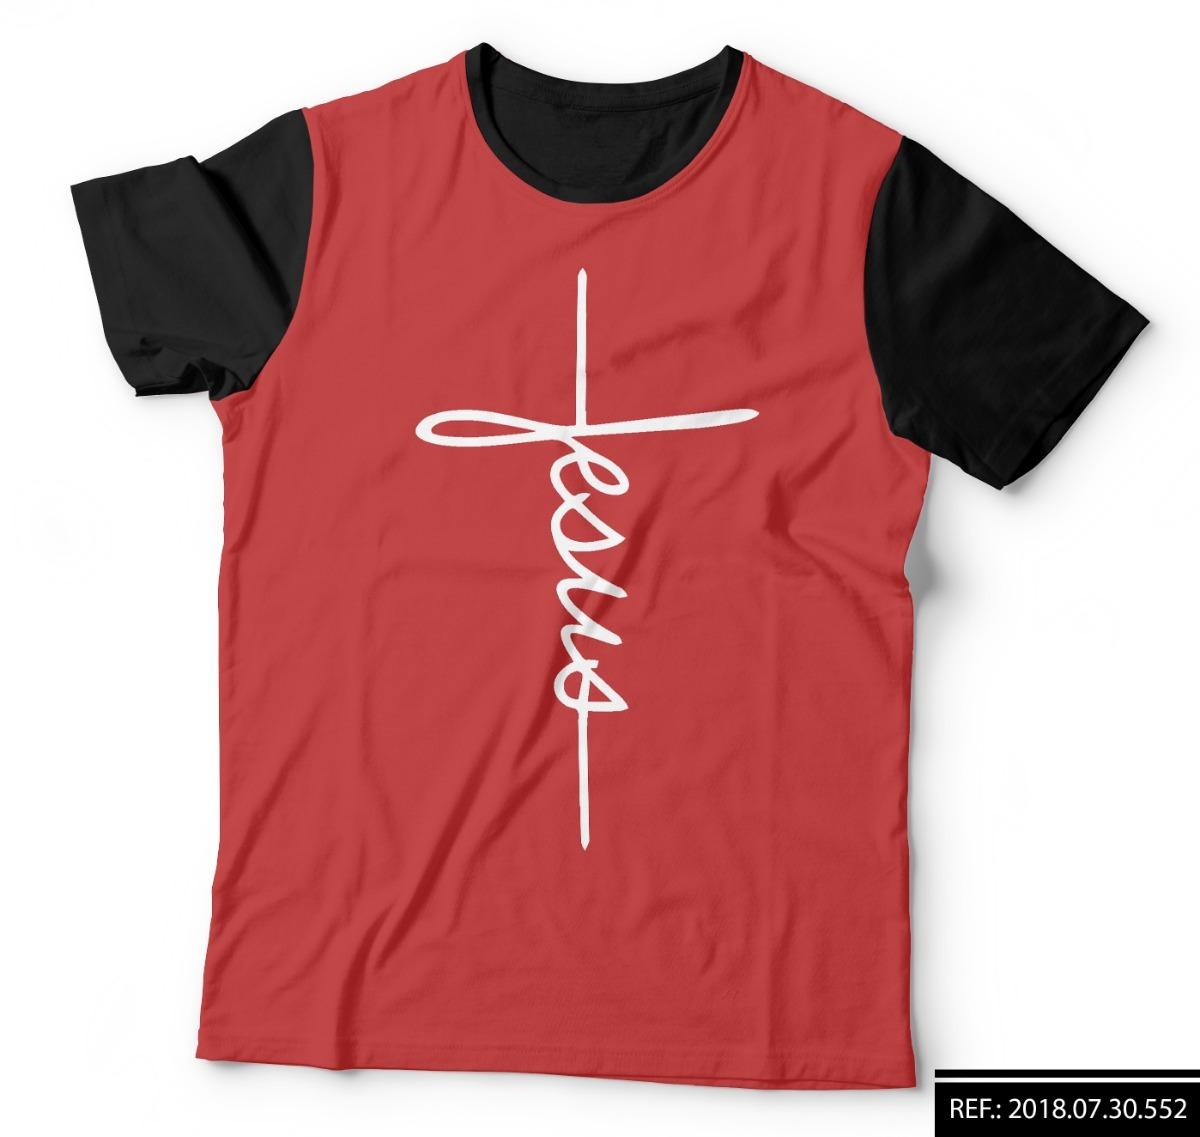 8f5dd5ead3 camisa camiseta jesus fé brasão cristã gratidão vermelha. Carregando zoom.